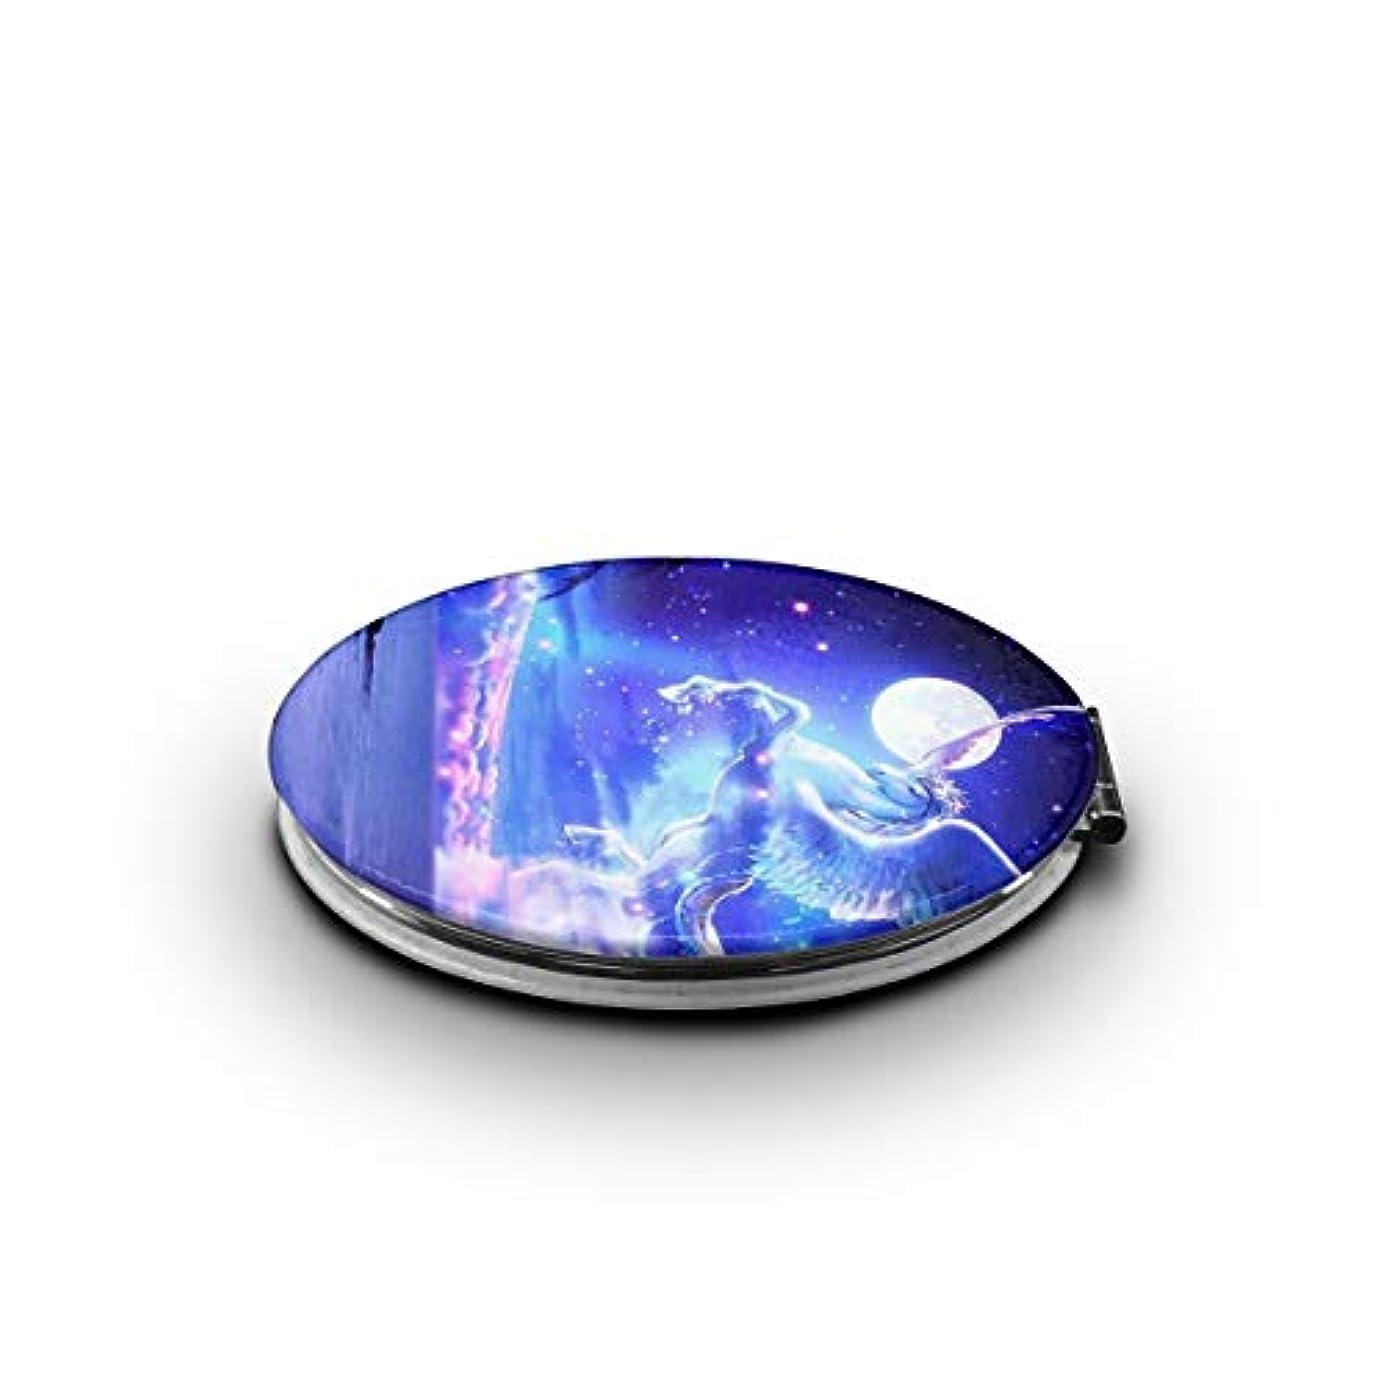 マイル算術スクラップブック携帯ミラー ユニコーン 天馬 きれい 夜空ミニ化粧鏡 化粧鏡 3倍拡大鏡+等倍鏡 両面化粧鏡 楕円形 携帯型 折り畳み式 コンパクト鏡 外出に 持ち運び便利 超軽量 おしゃれ 9.0X6.6CM